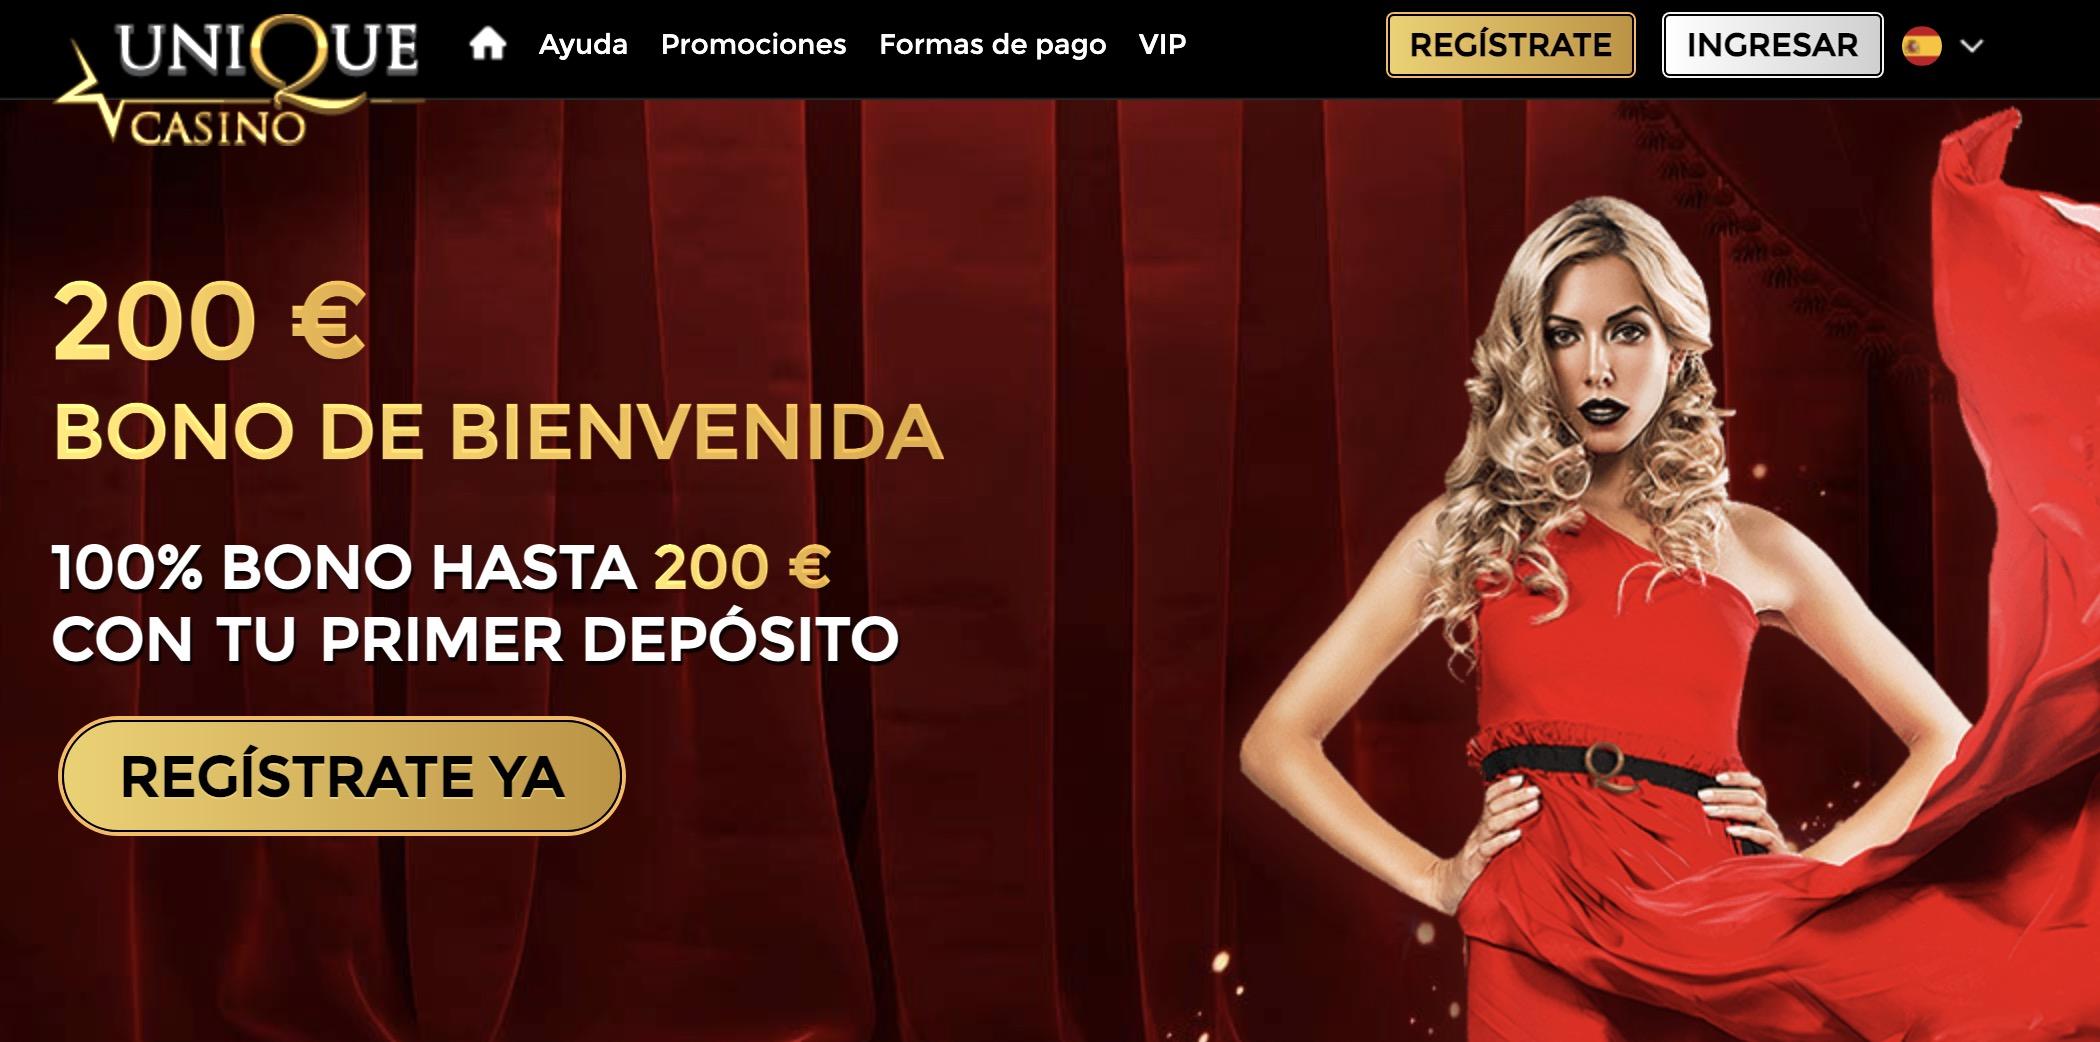 Unique casino 348176